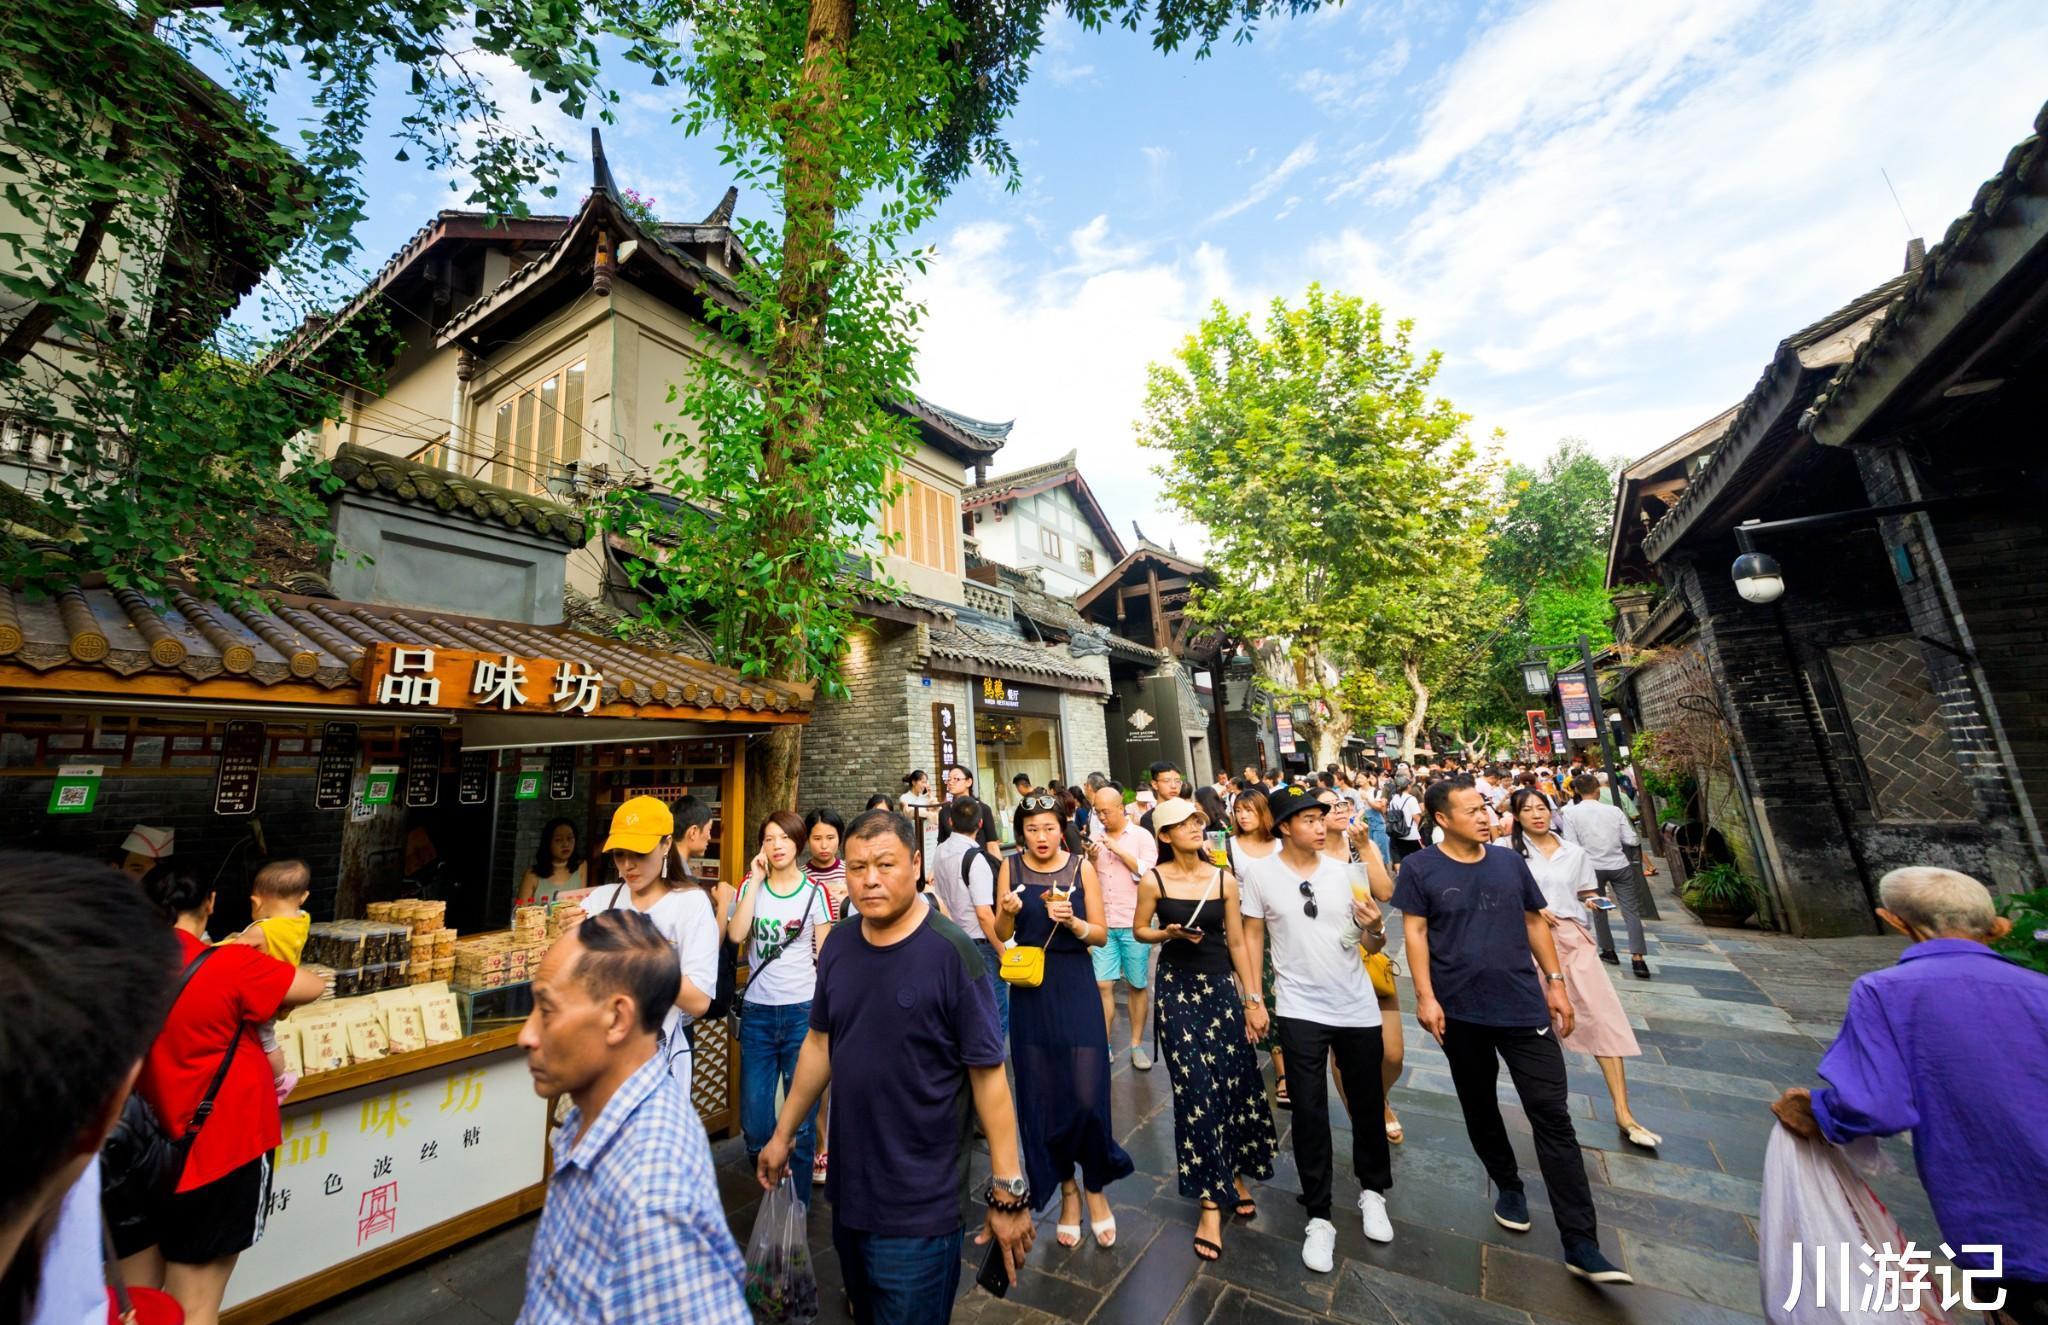 四川 成都周末两日游完整行程攻略,小众景点和网红美食一个都不错过